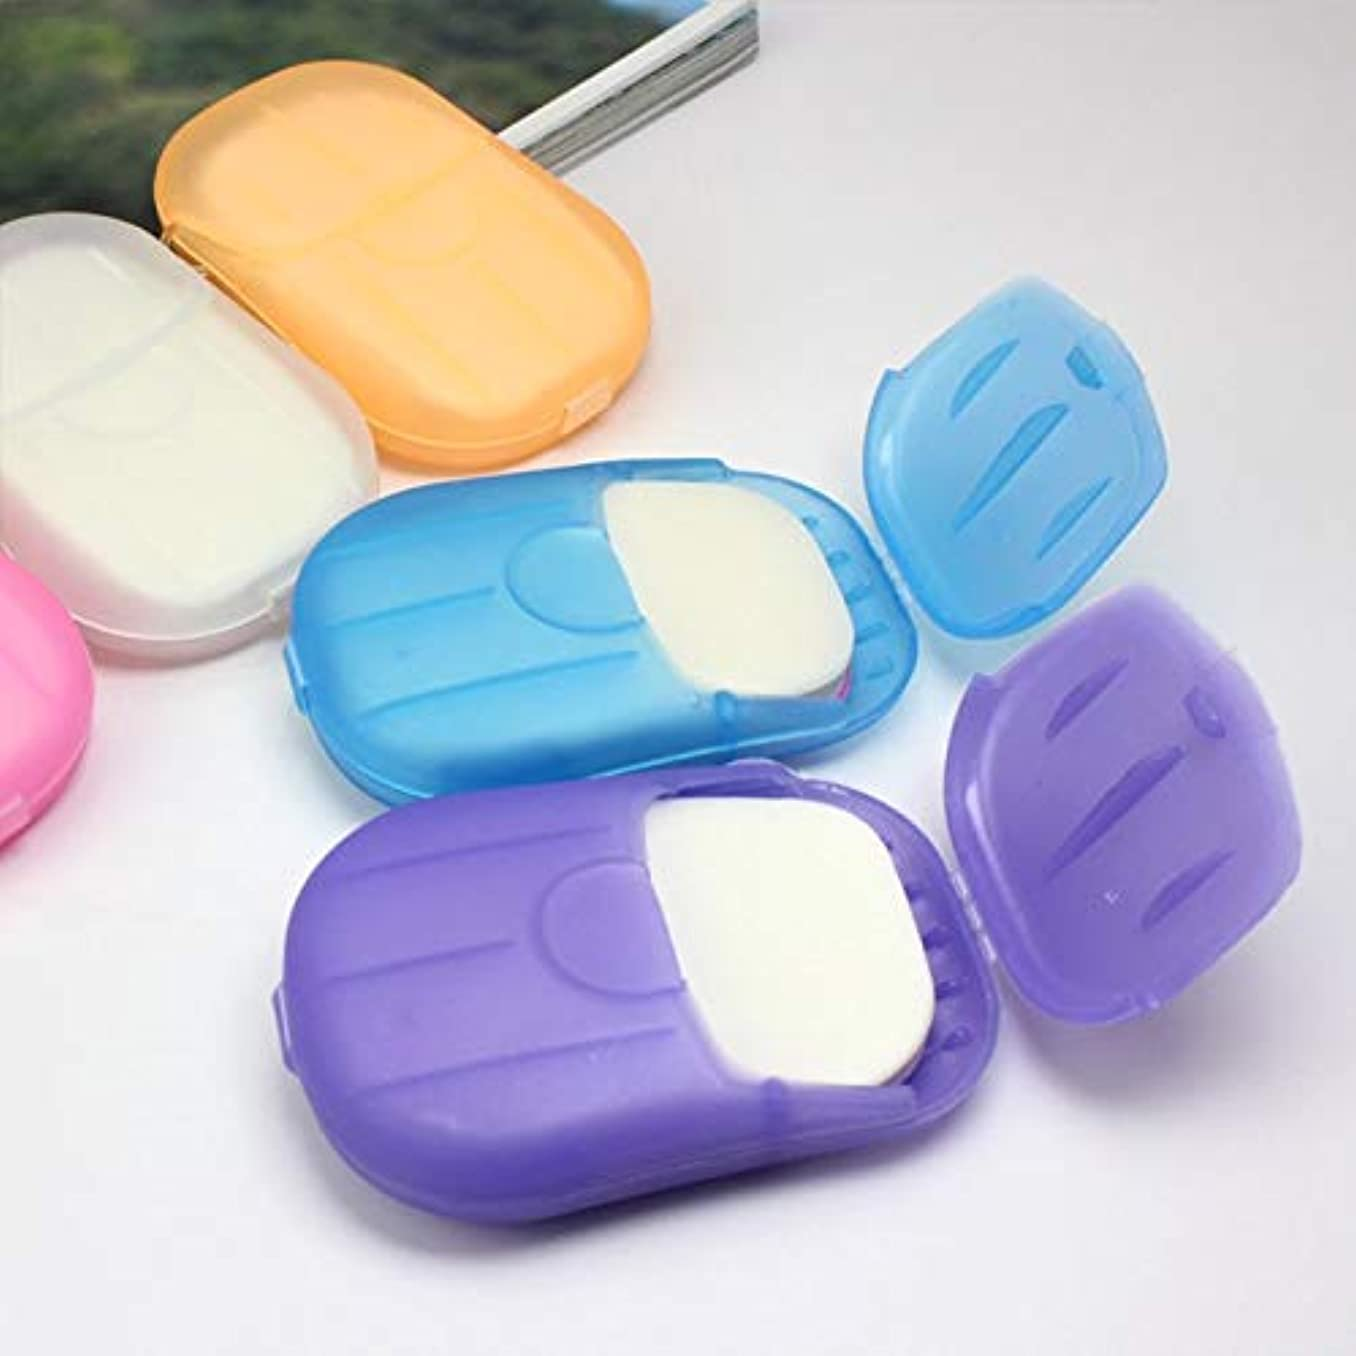 滑るスライムほとんどない20 Pcs Paper Soap Outdoor Travel Bath Soap Tablets Portable Hand-washing